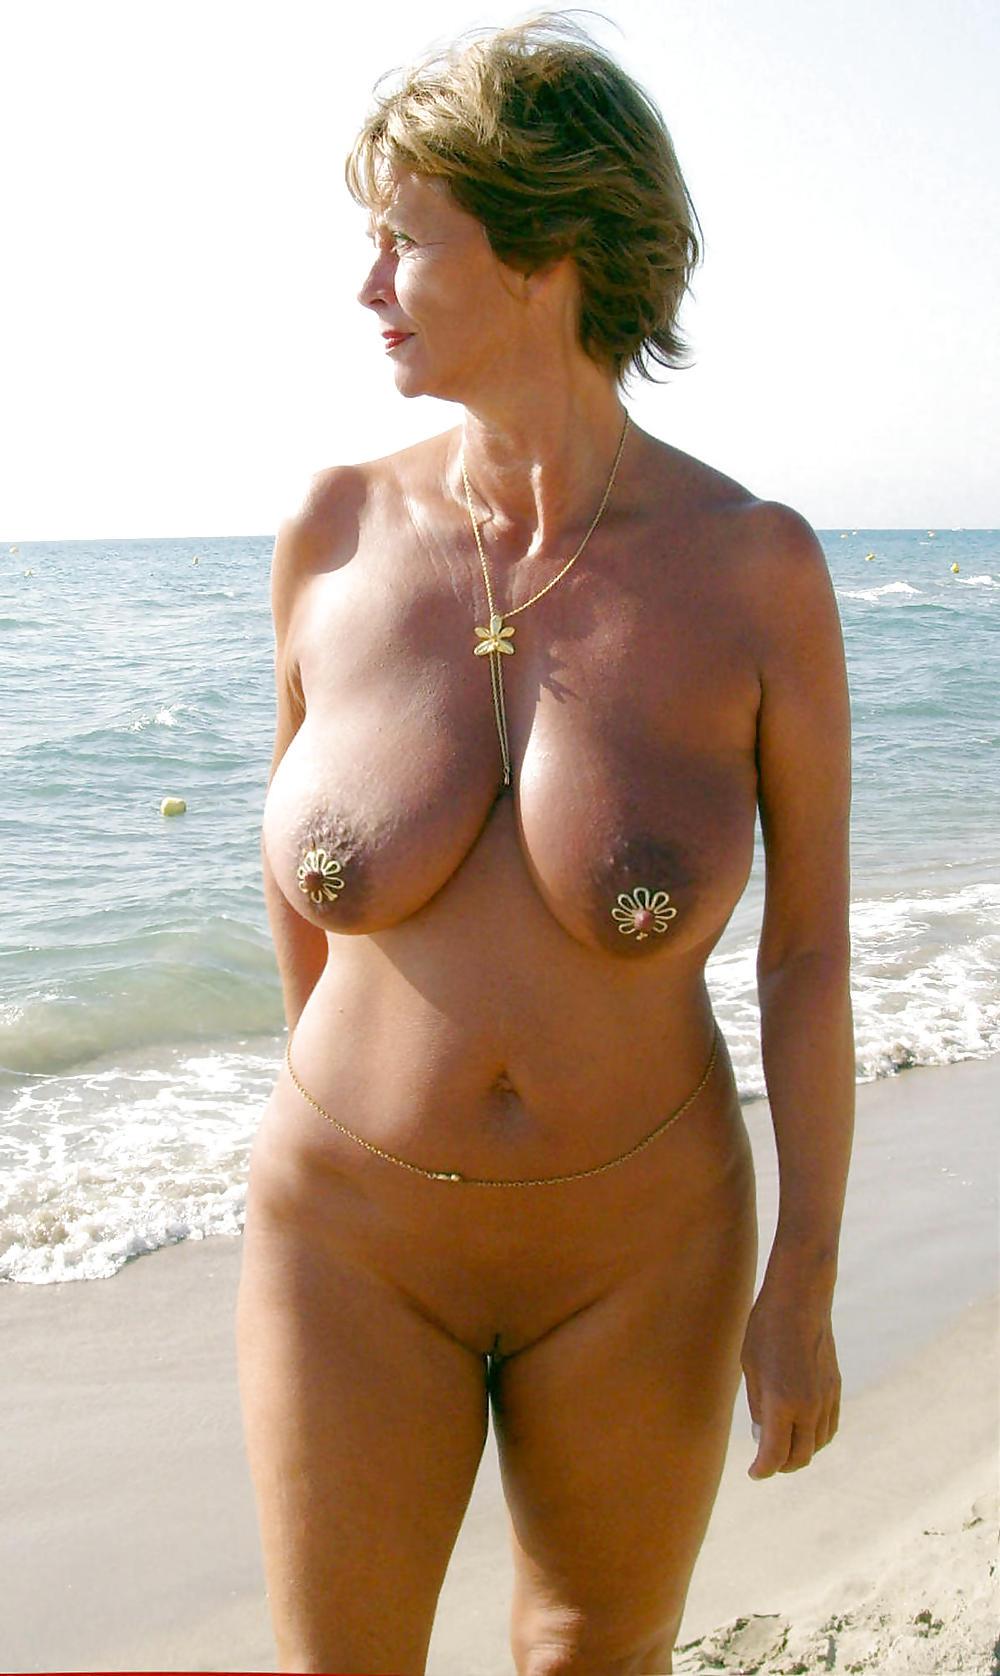 зрелые женщины на пляже с обнаженной грудью будете